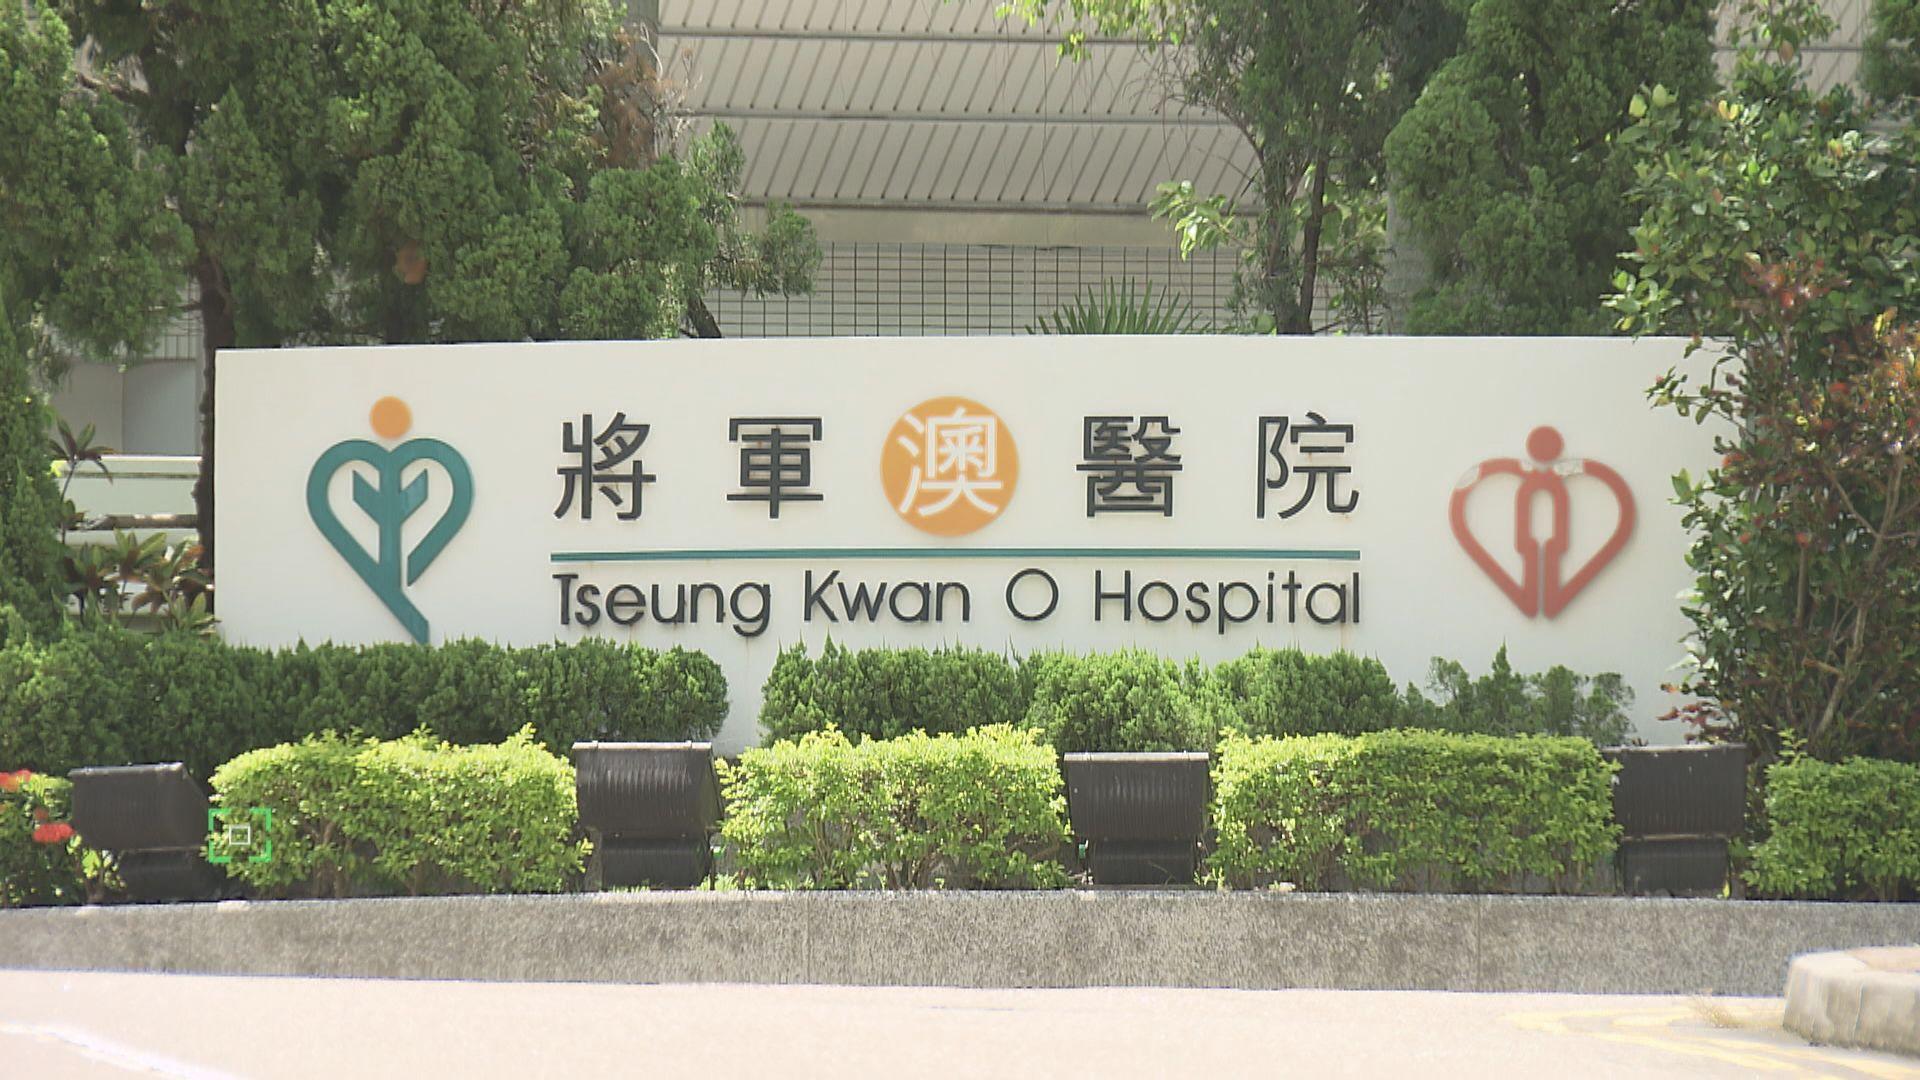 將軍澳醫院有初步確診病人一度自行離院